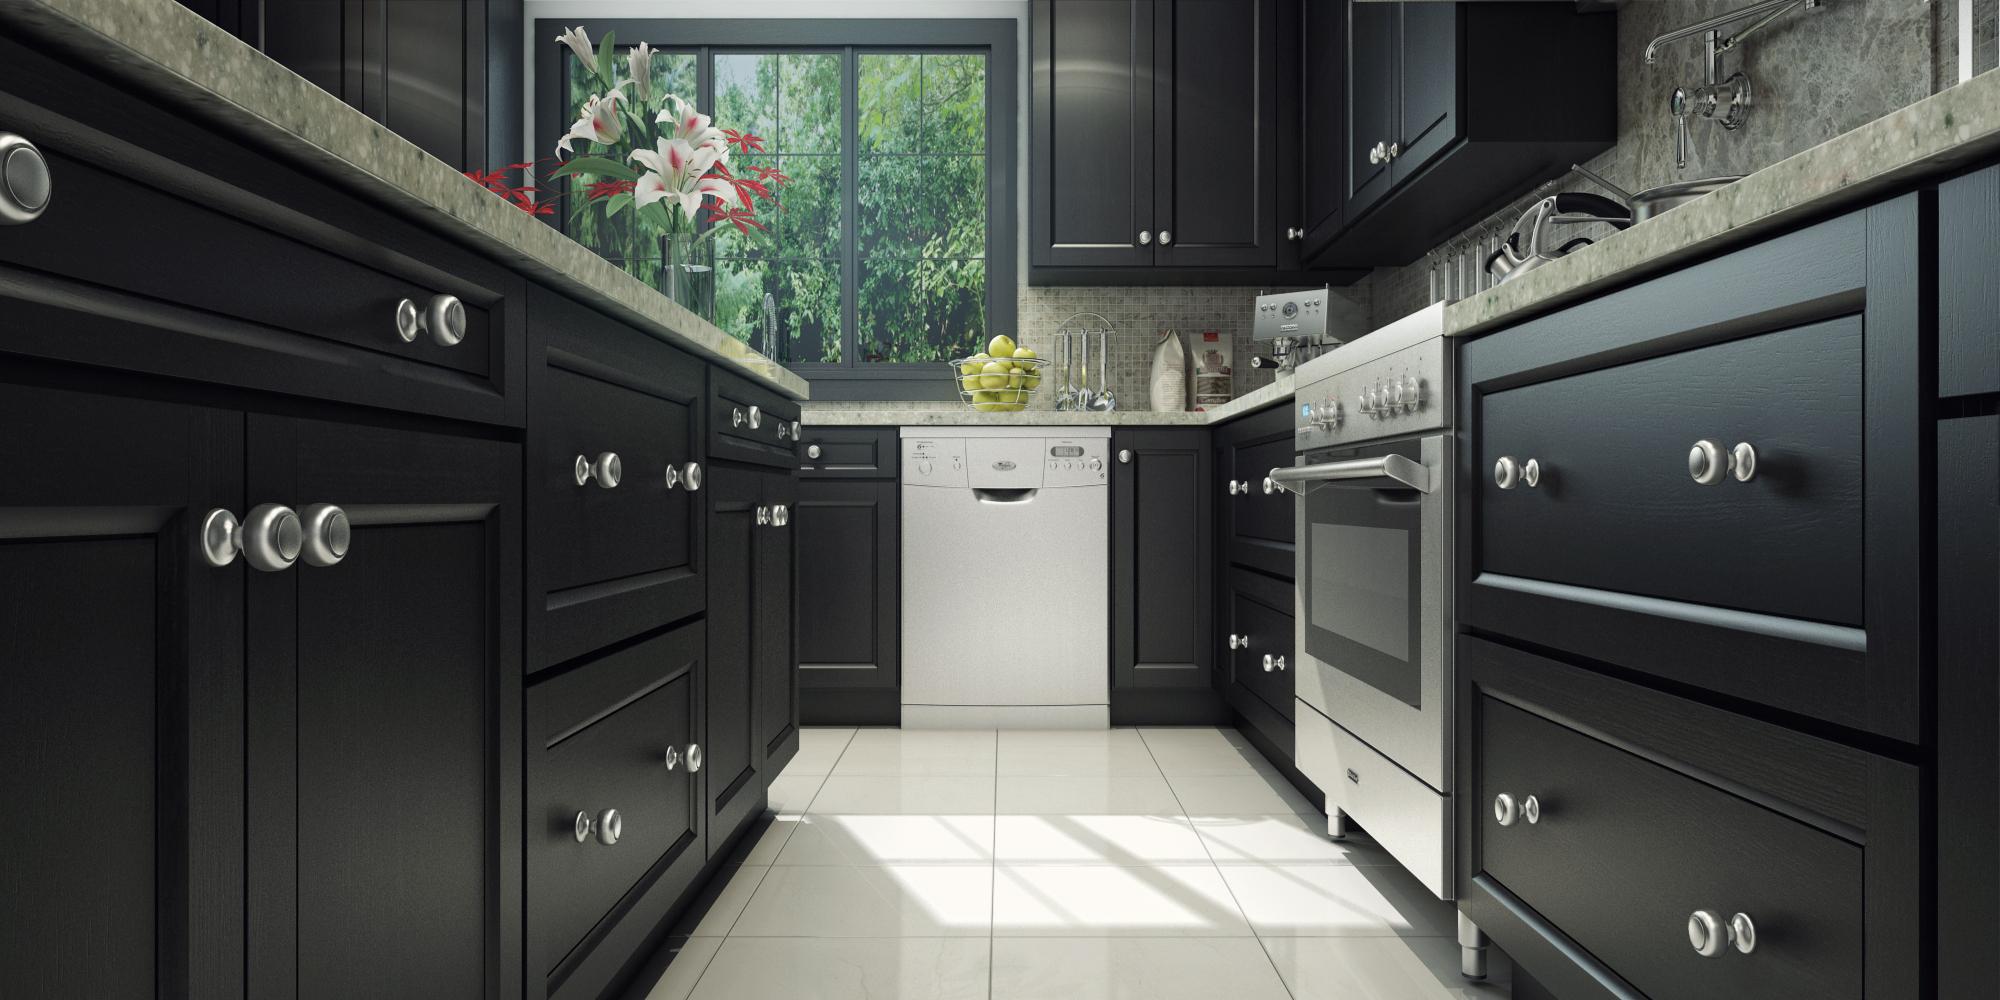 kitchen_view6_white